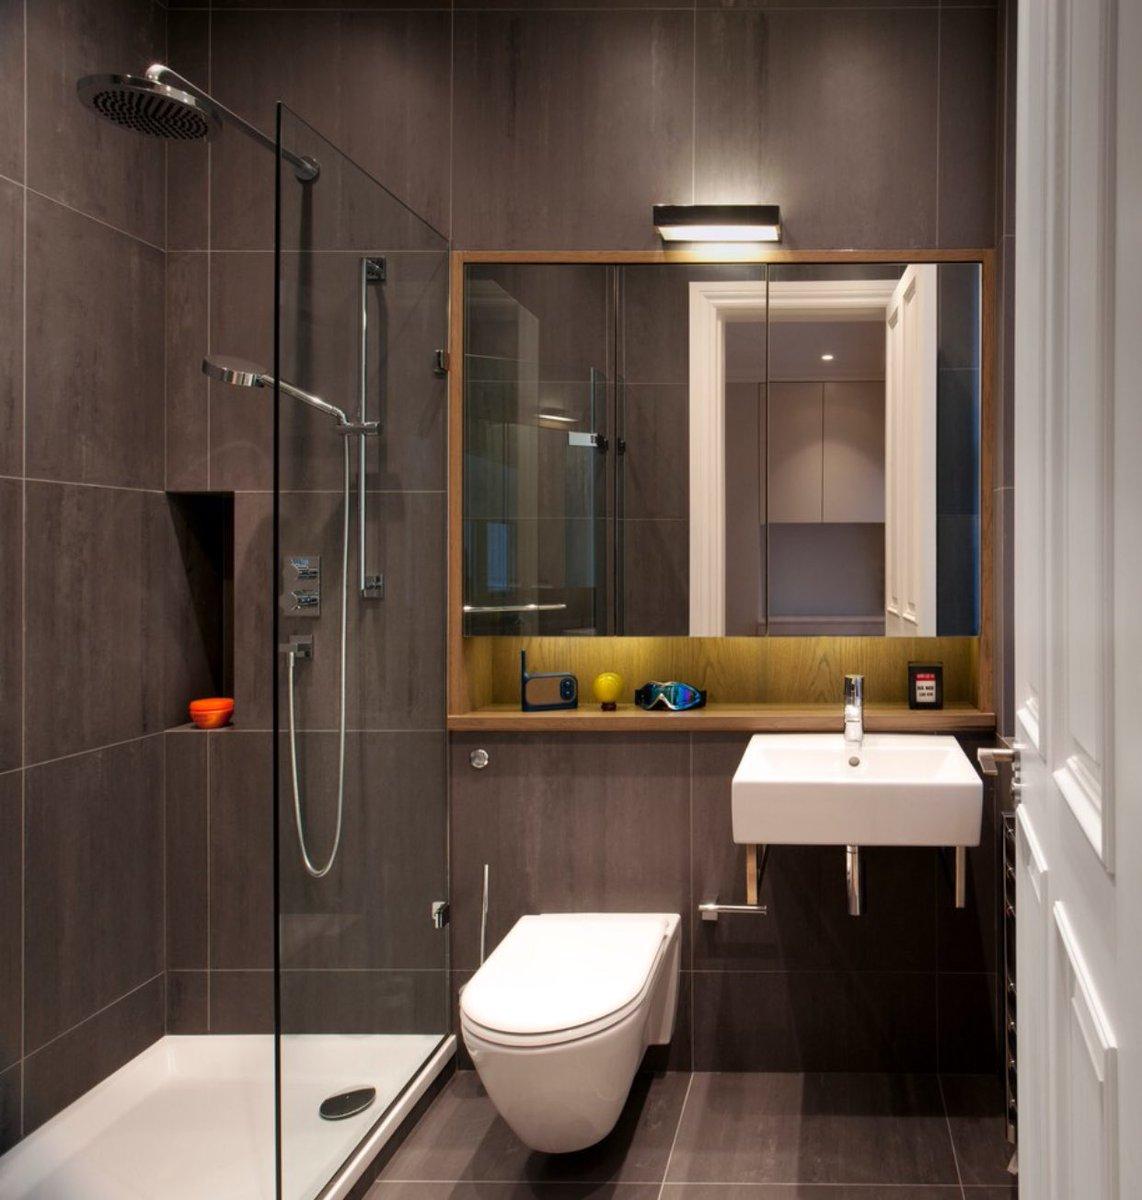 صورة تصاميم حمامات, واوو لم اري تصاميم حمامات بهذه الروعه